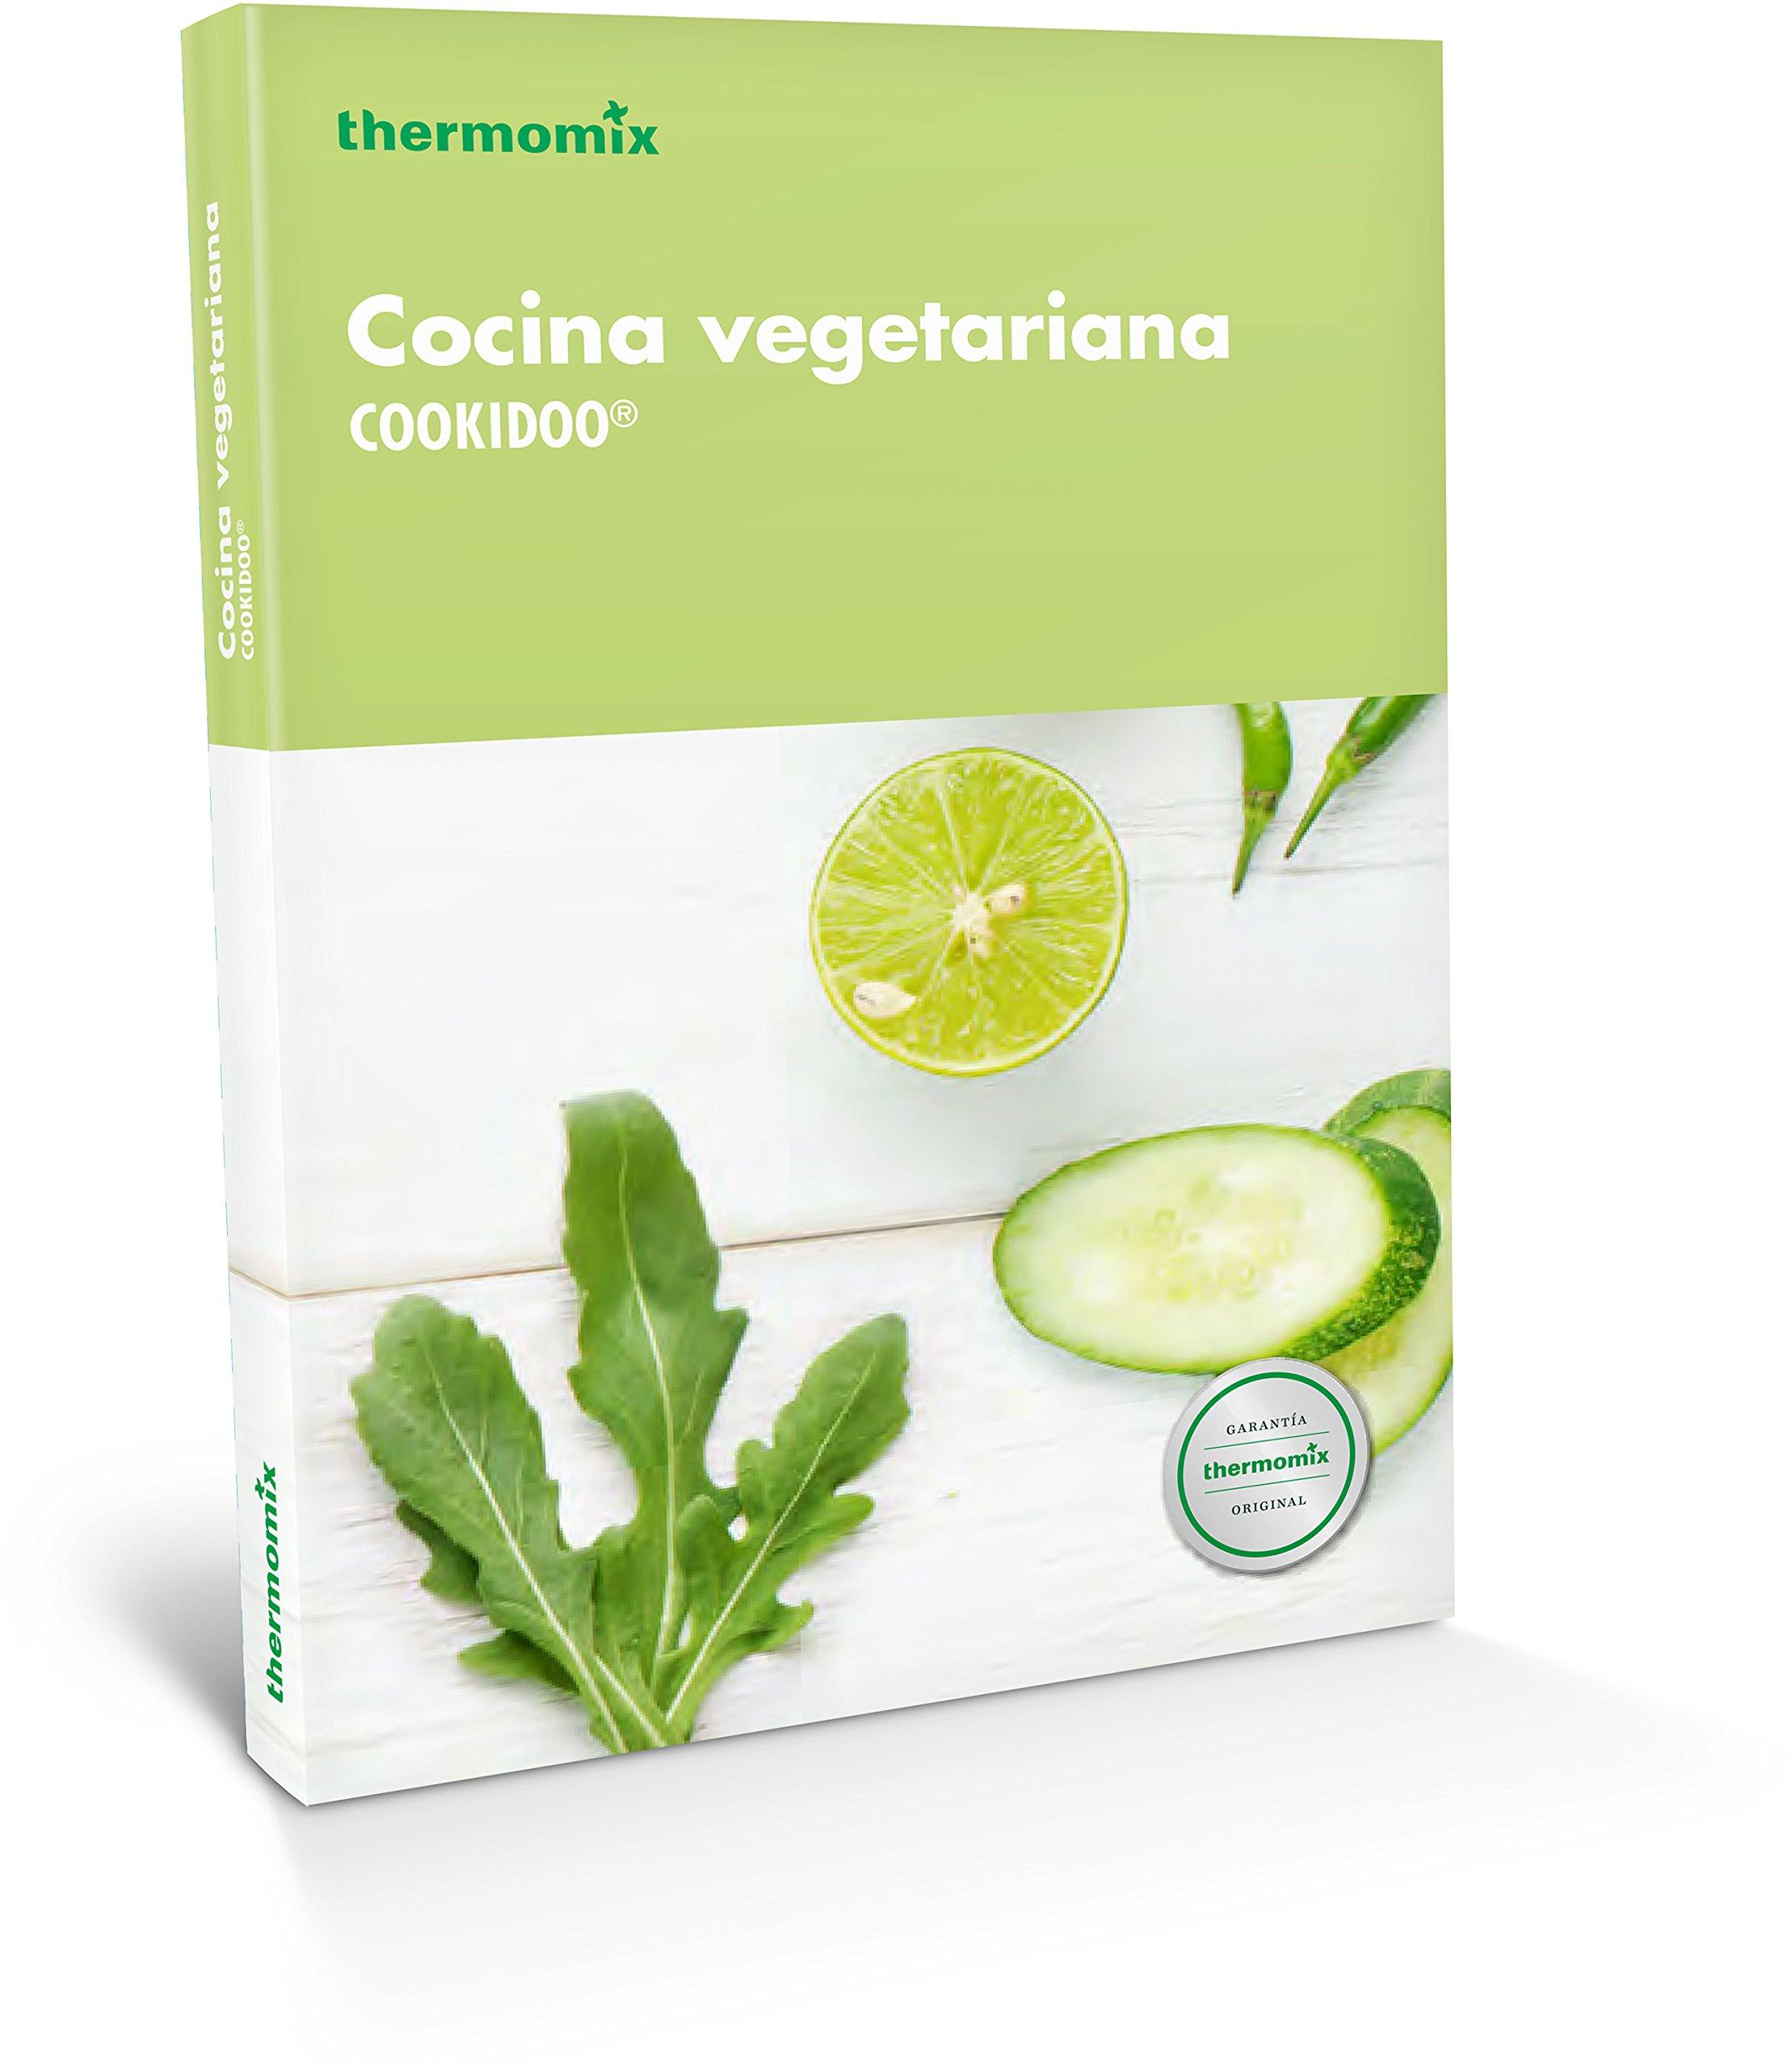 Cocina vegetariana Cookidoo: Amazon.es: Vorwerk Thermomix, Vorwerk Thermomix: Libros